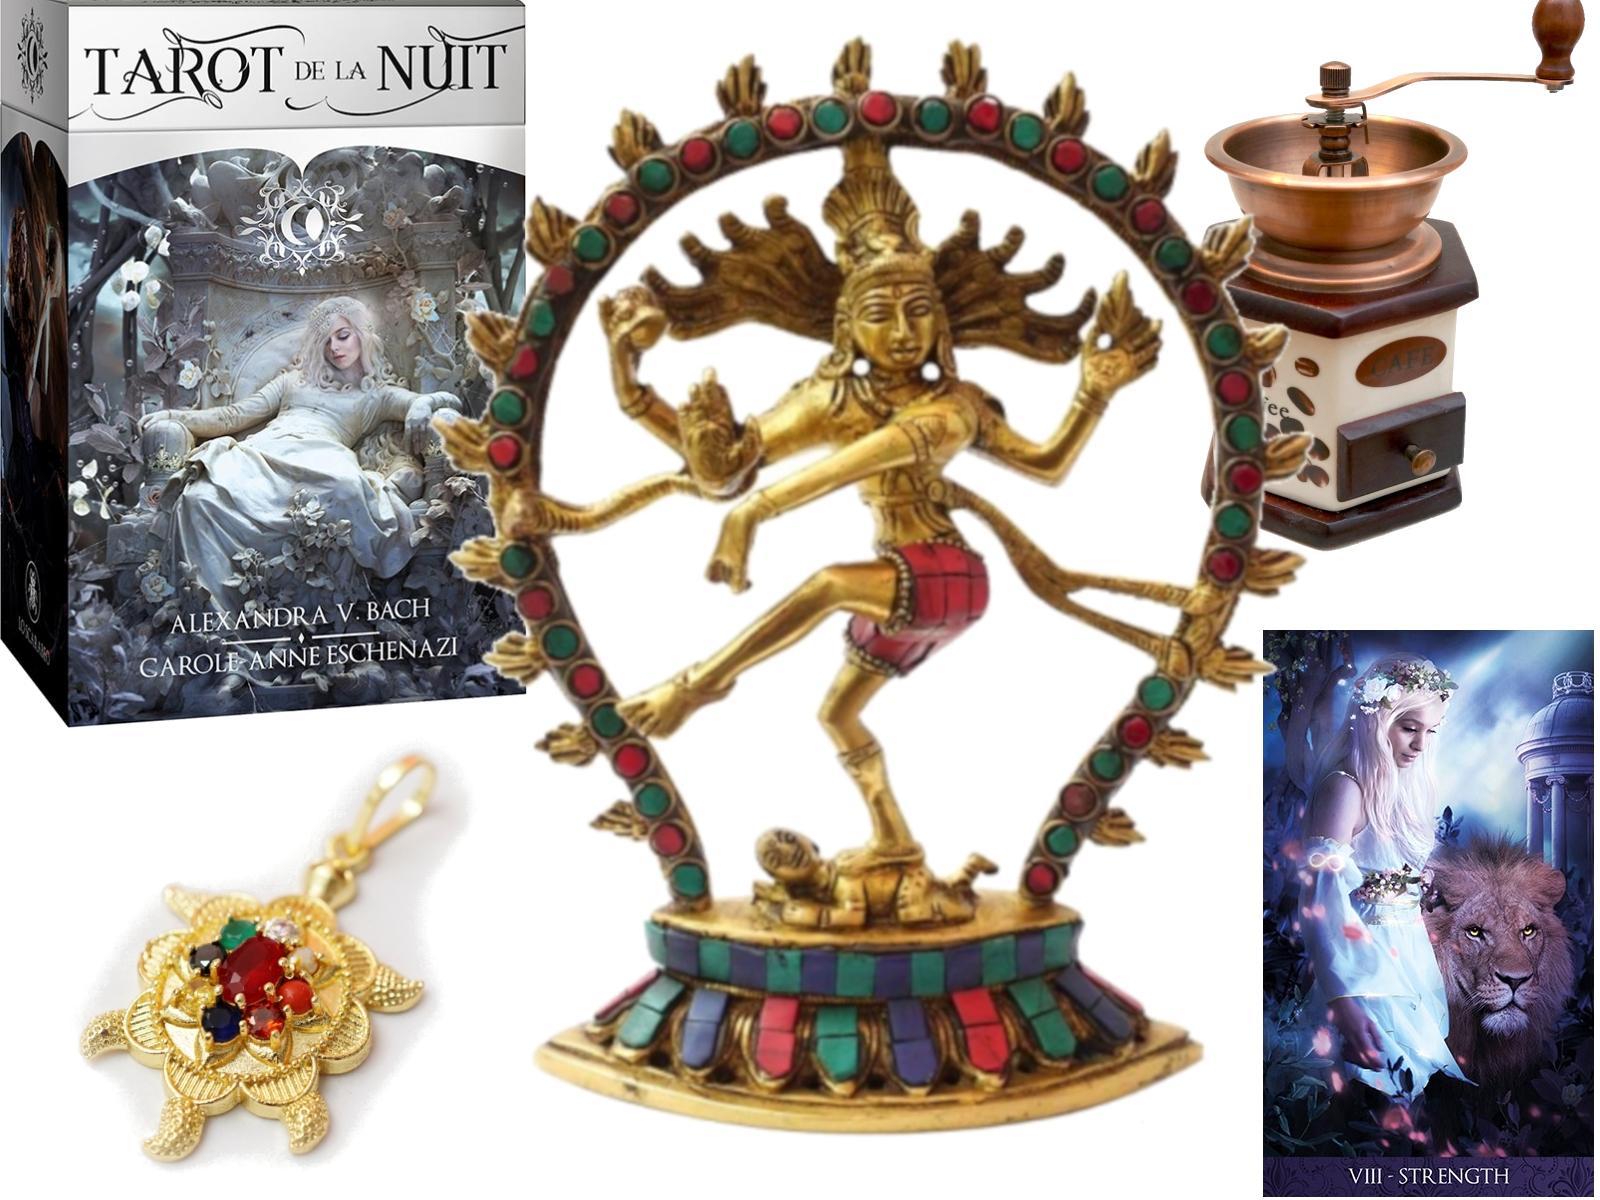 Сувениры из Индии и Китая. Экзотические подарки. Эзотерические товары. Карты ТАРО. Недорого. Склад 7